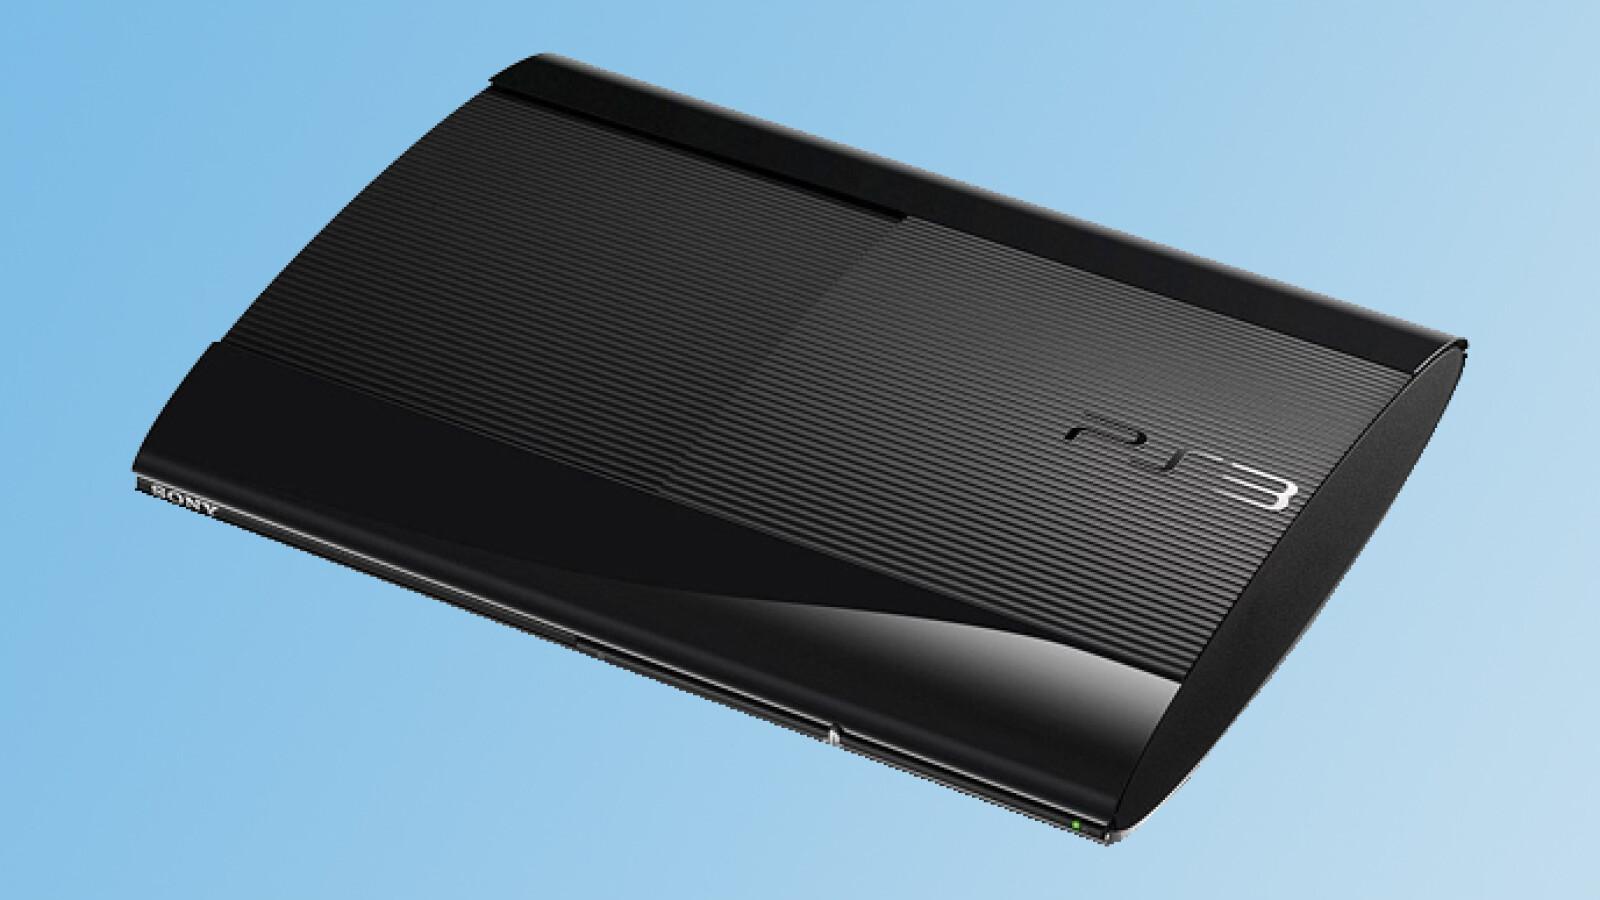 PlayStation 3 im Test: Klassenprimus oder Hinterbänkler? - NETZWELT